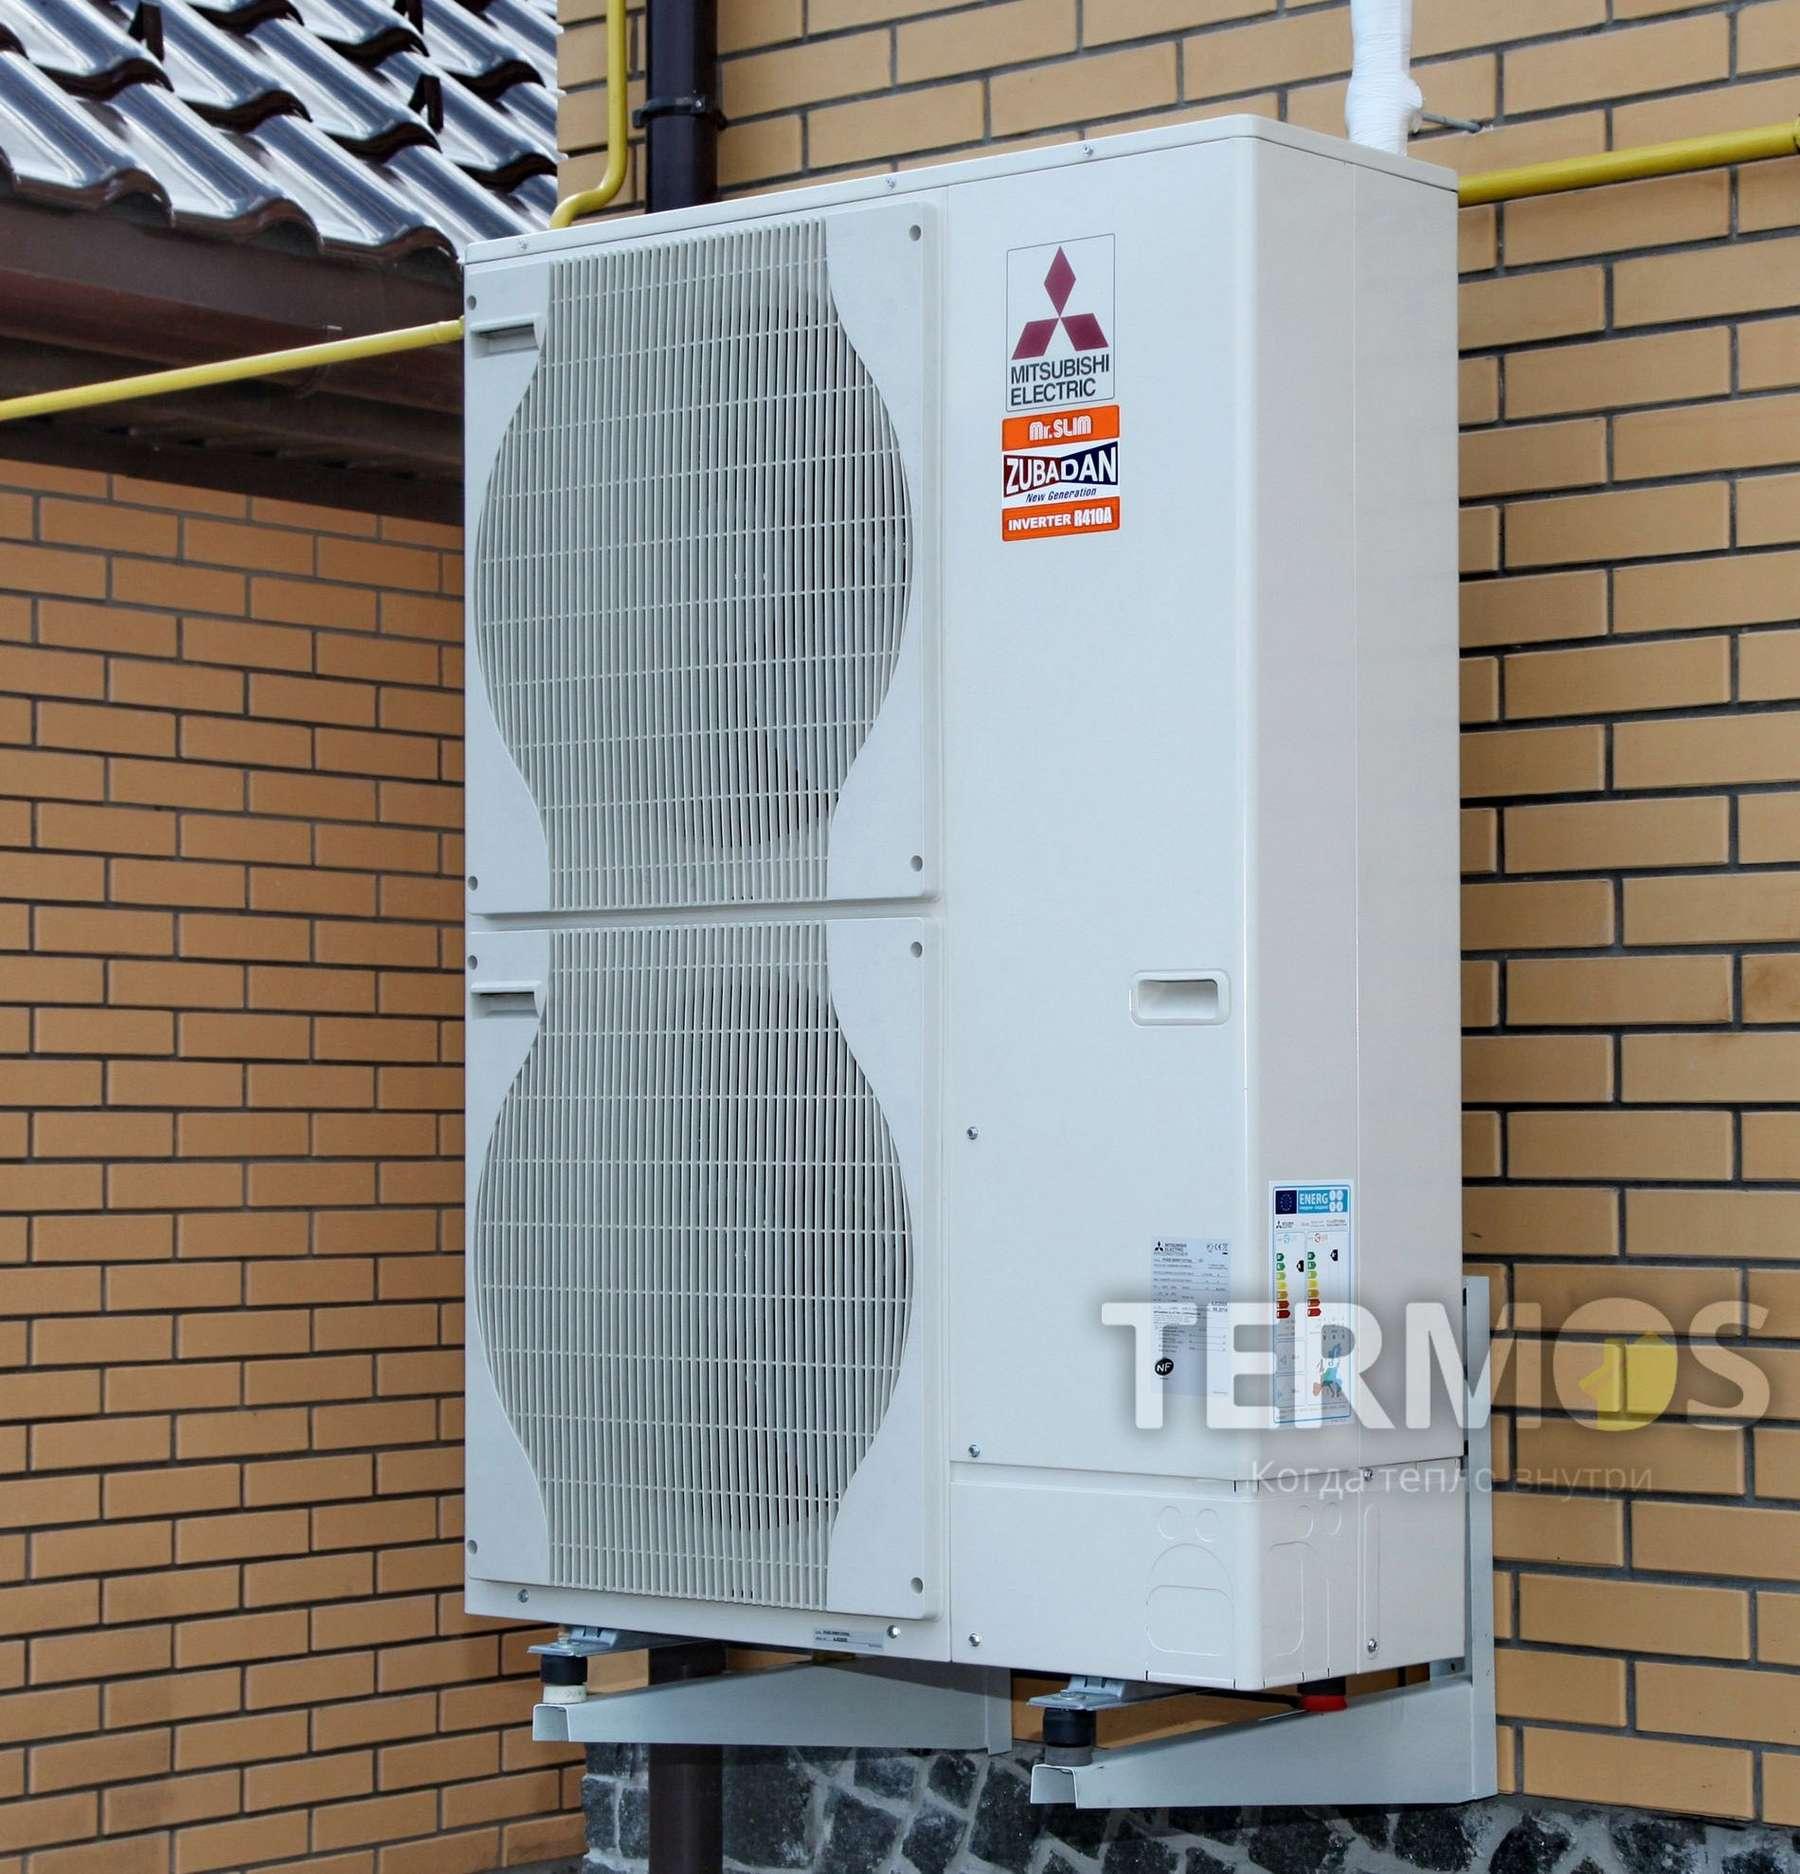 Белая Церковь. Дом 180 кв.м. Воздушный тепловой насос ZUBADAN MITSUBISHI ELECTRIC (Япония) 14 кВт, с функциями отопления и приготовления горячей воды в специализированном бойлере 300 литров